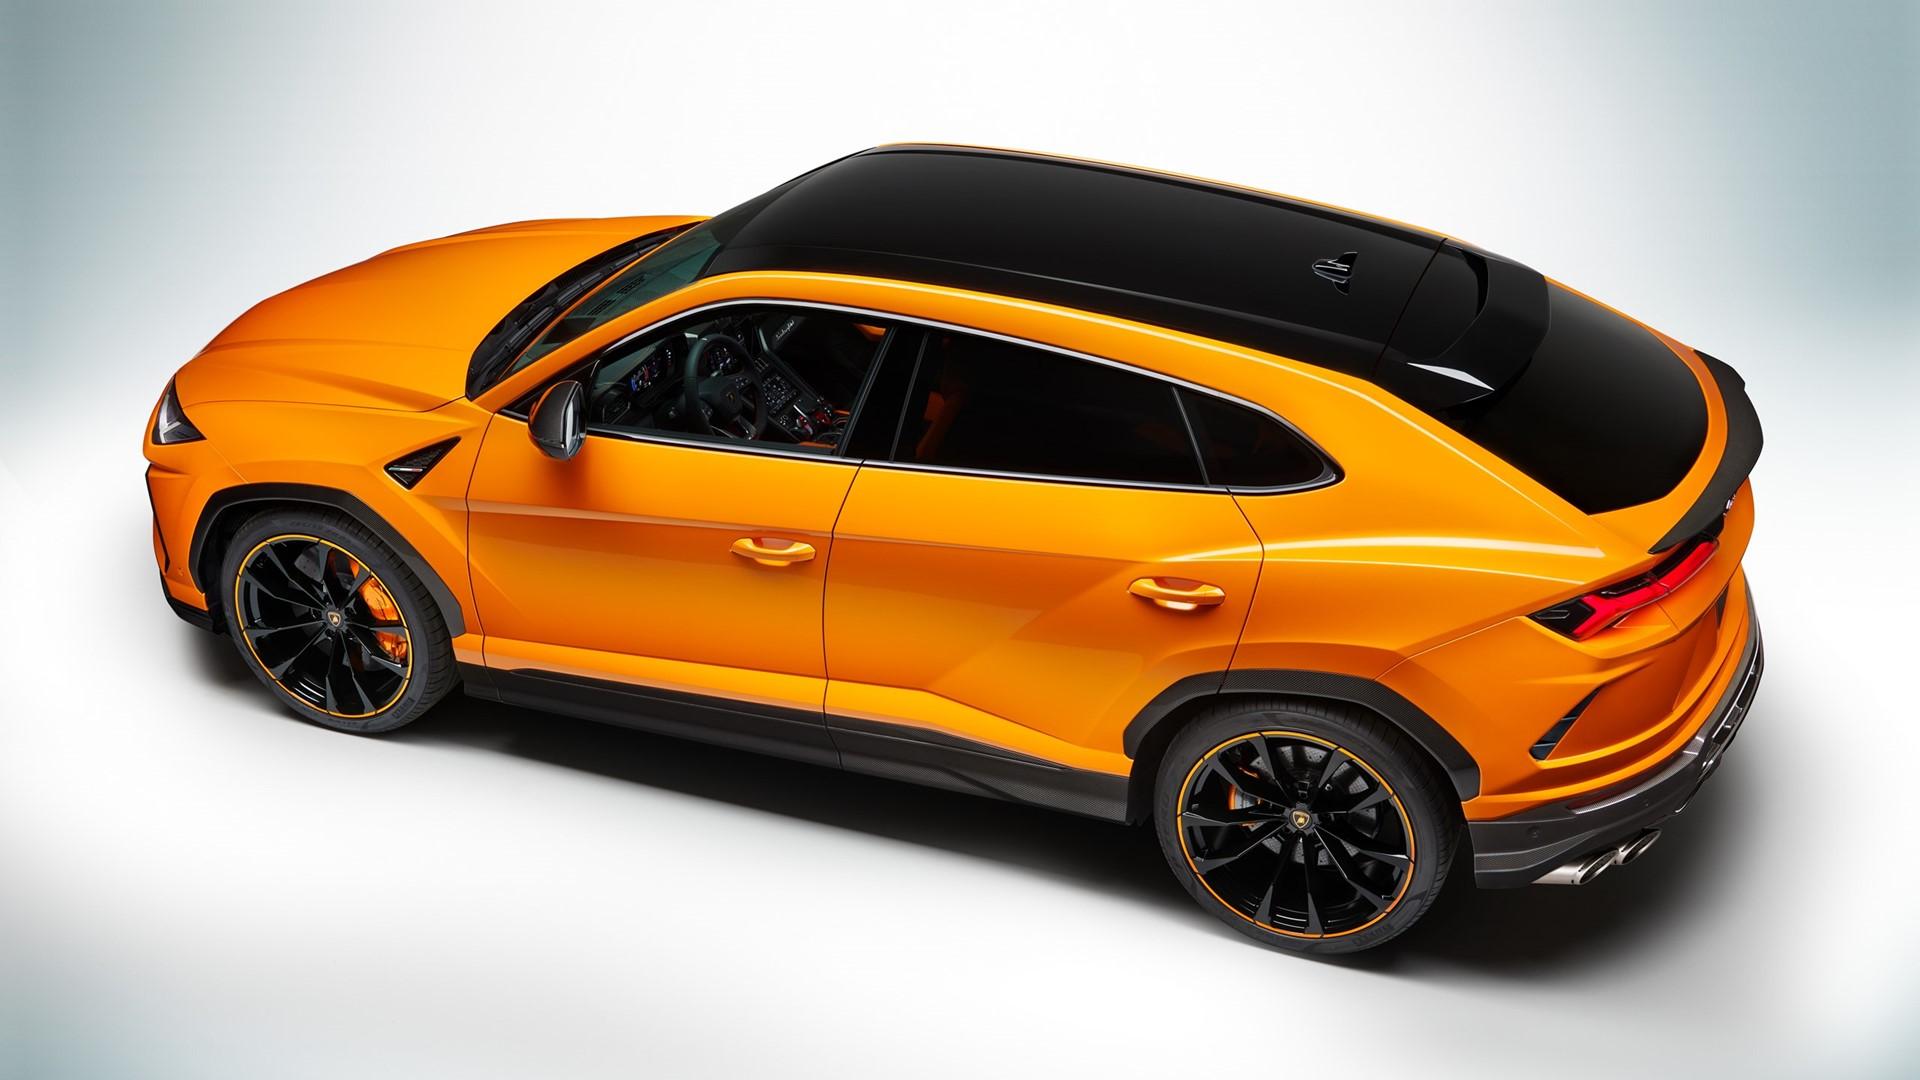 Automobili Lamborghini presents the Urus Pearl Capsule: unlocking new adventures in color for the Lamborghini Urus - Image 5